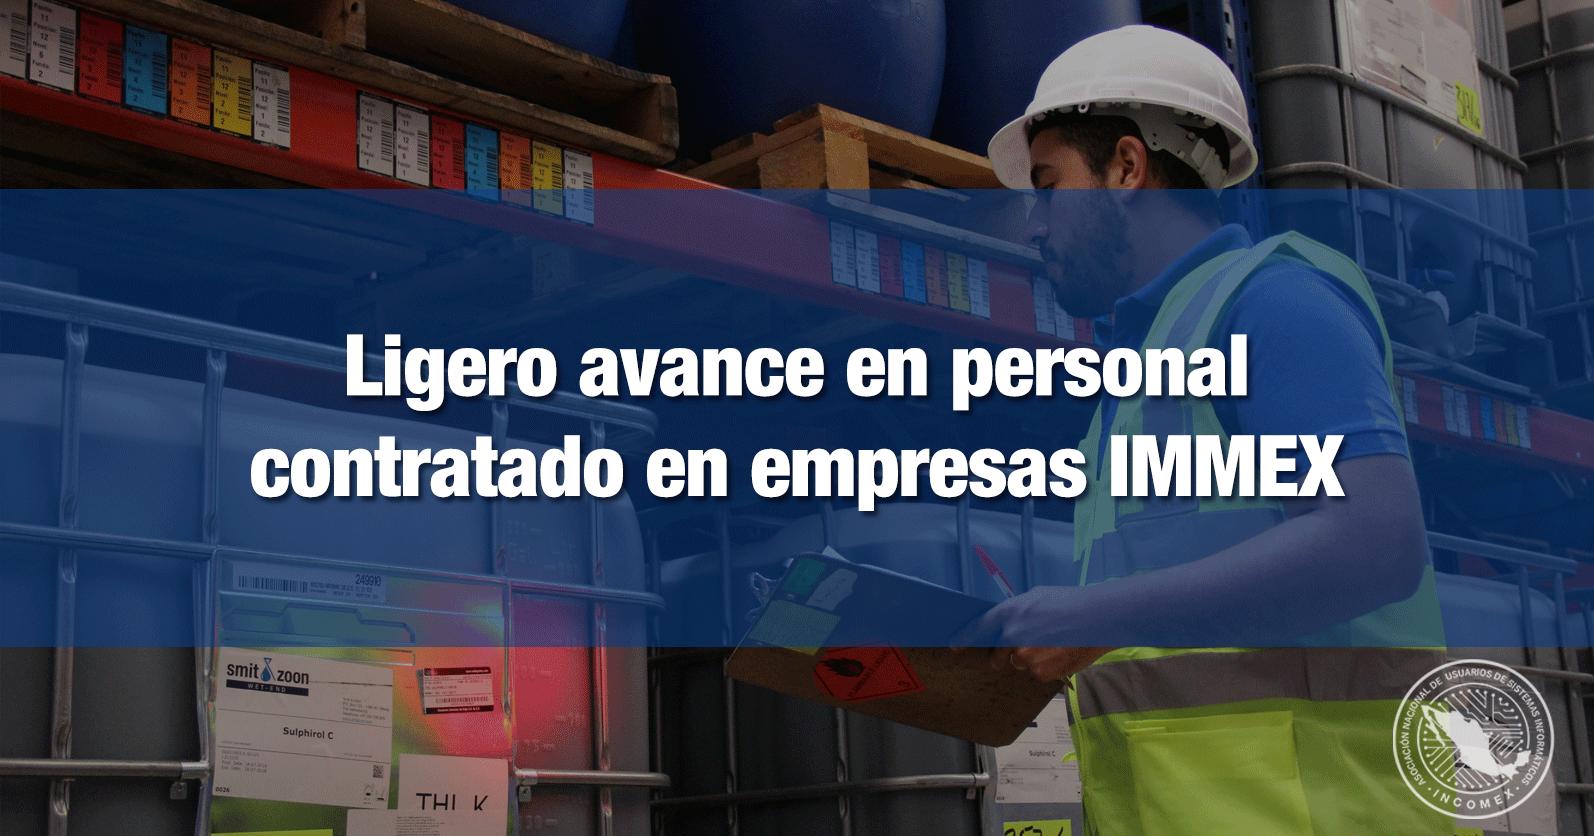 Ligero avance en personal contratado en empresas IMMEX